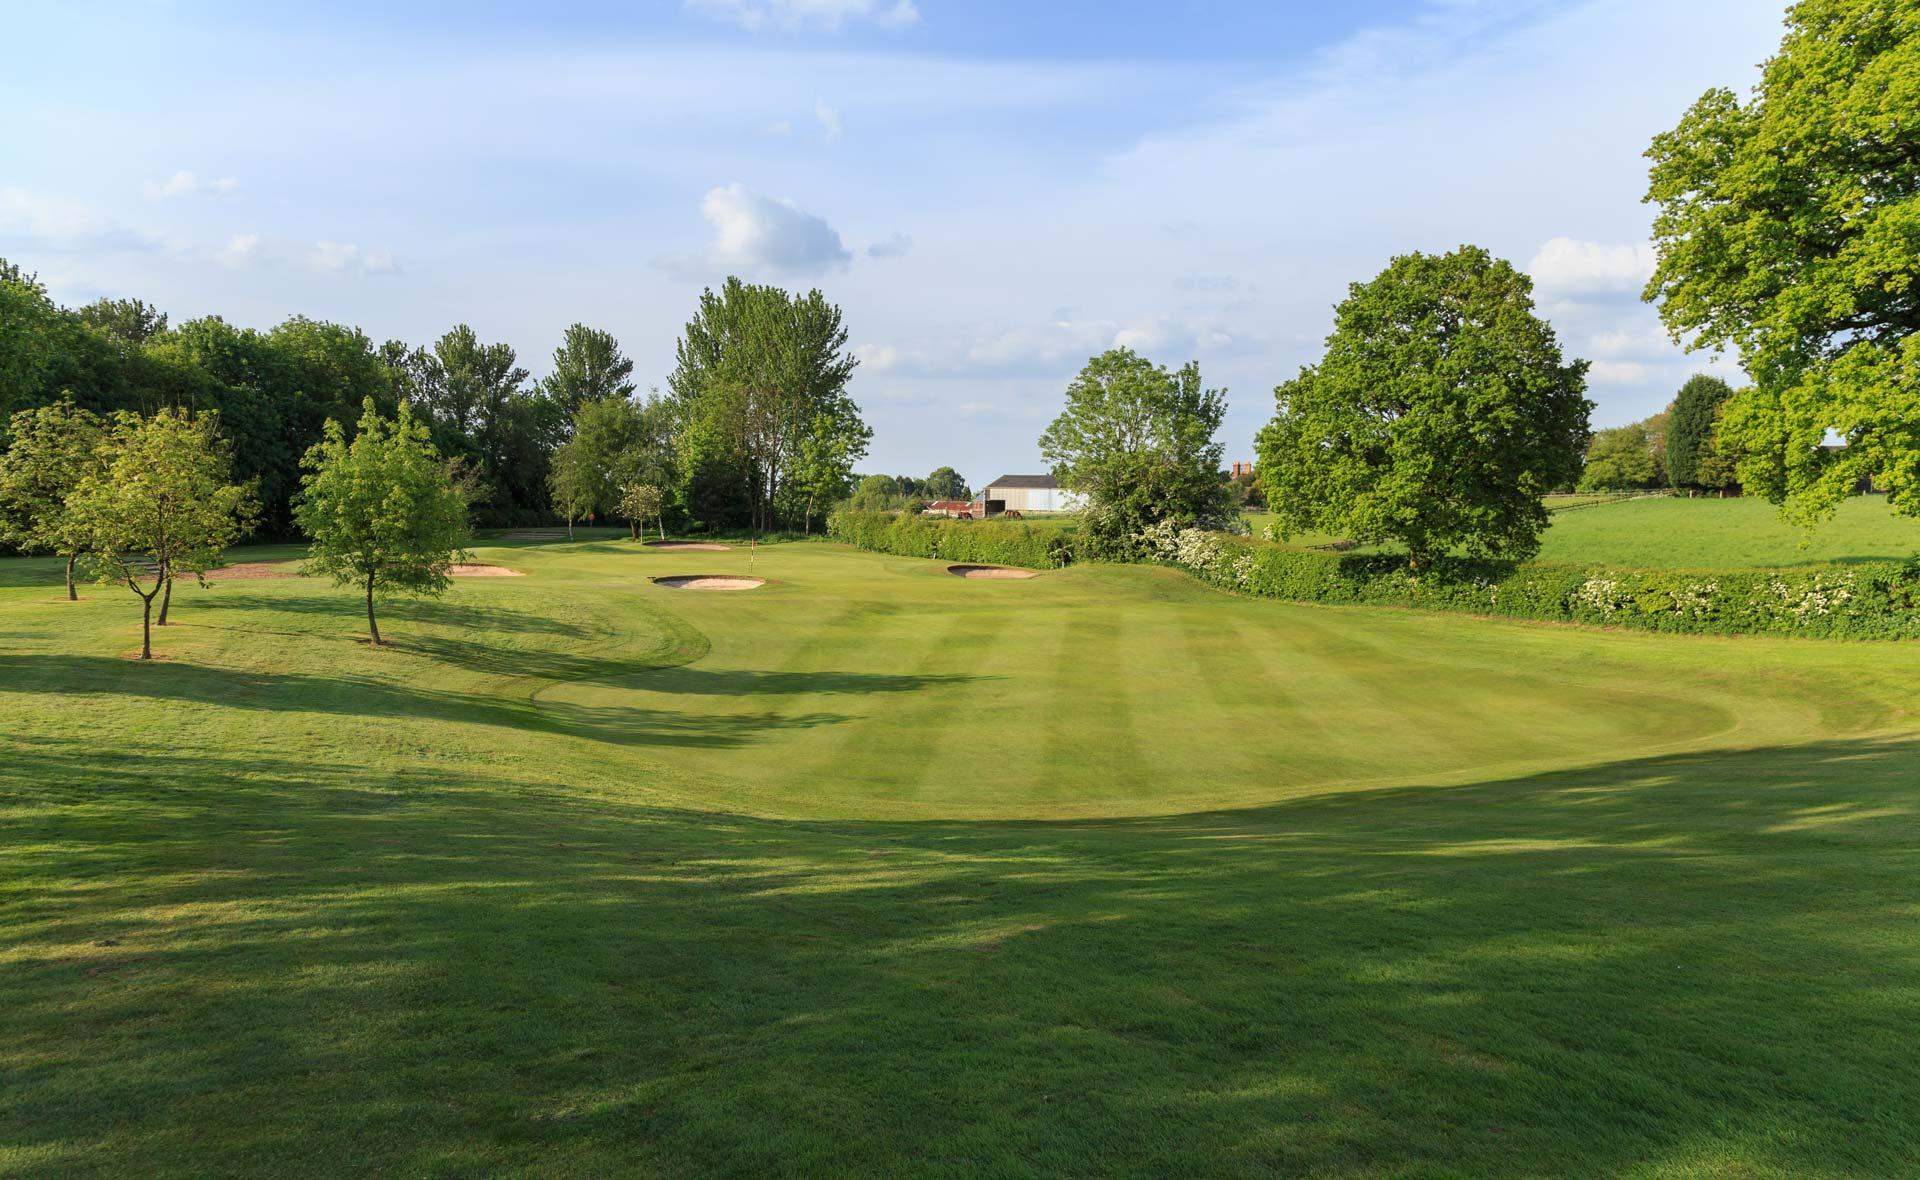 south staffordshire golf club hole 15